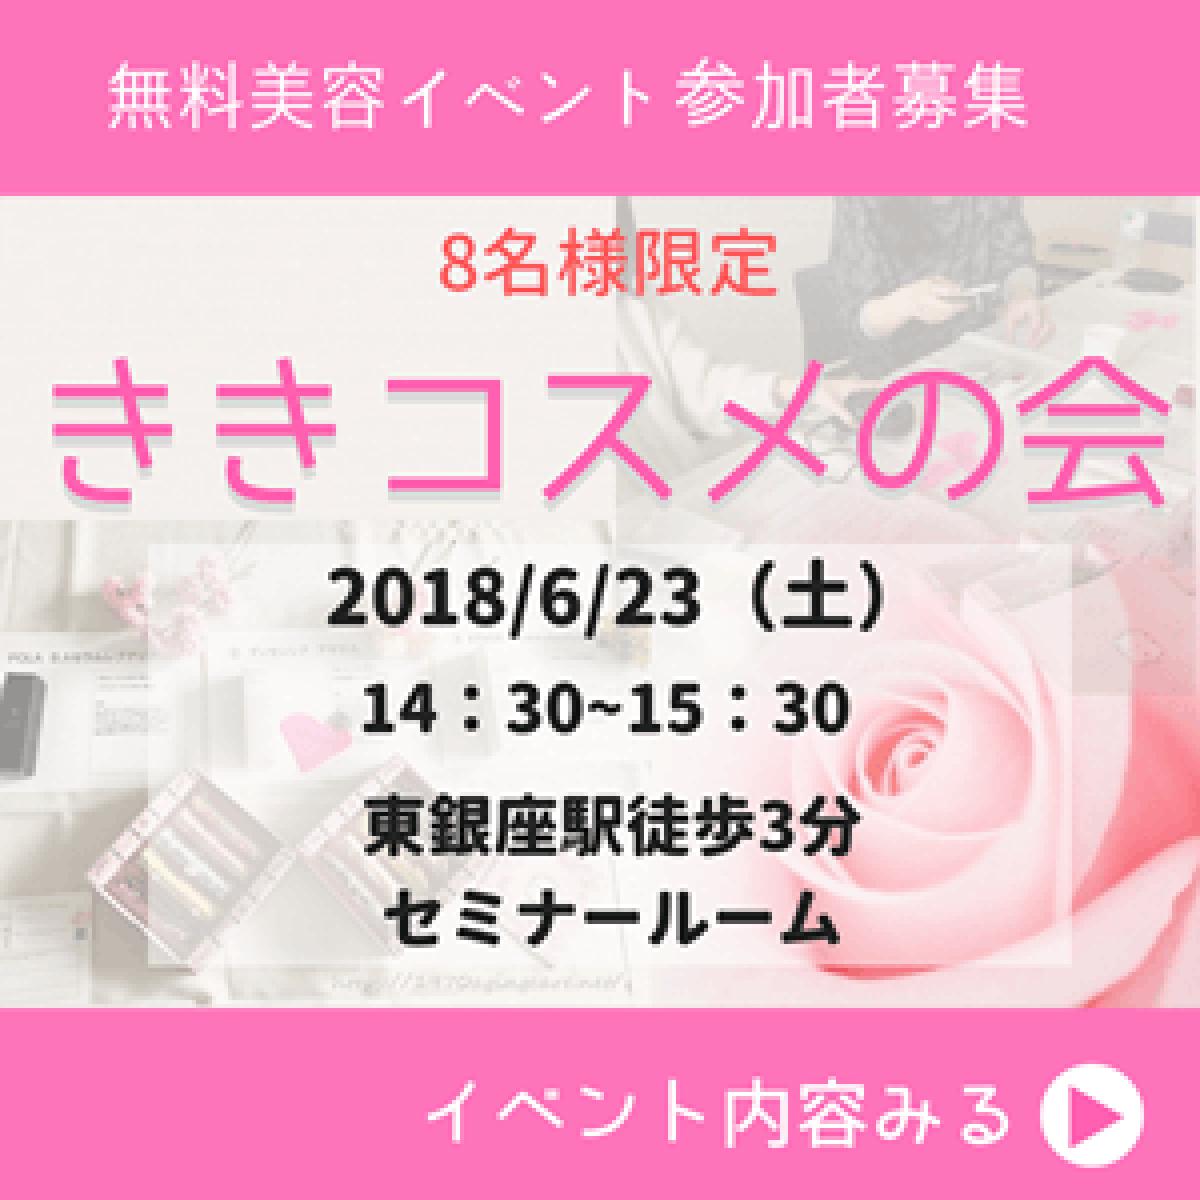 参加者募集【無料美容イベント6/23(土)開催】ききコスメの会